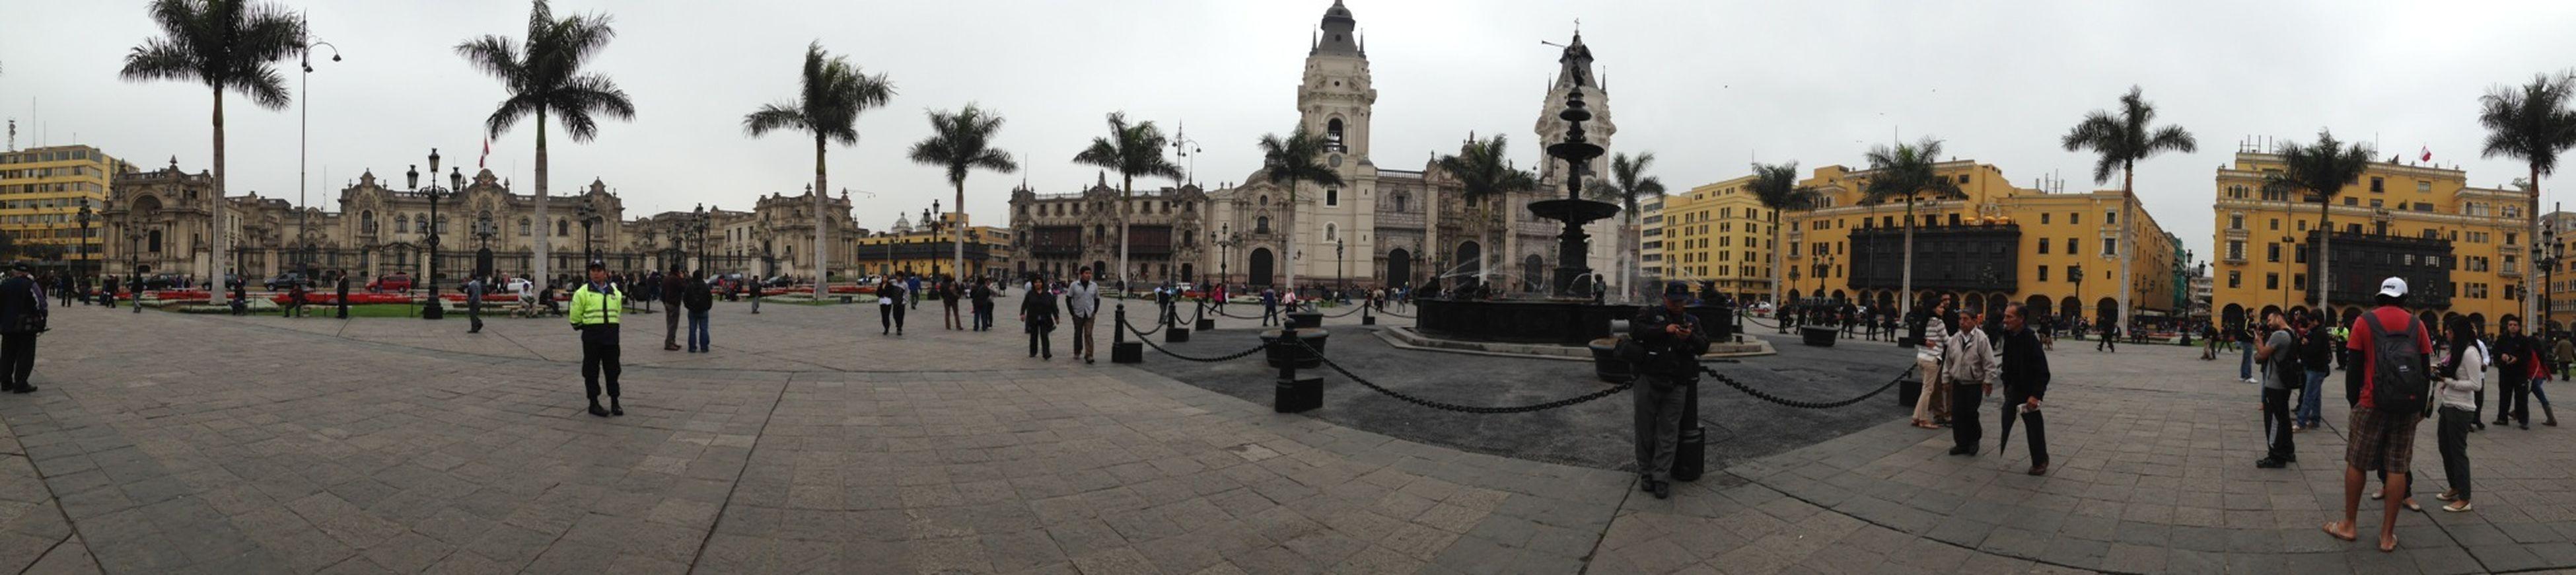 Visita a la Plaza de Armas APerúconKLM